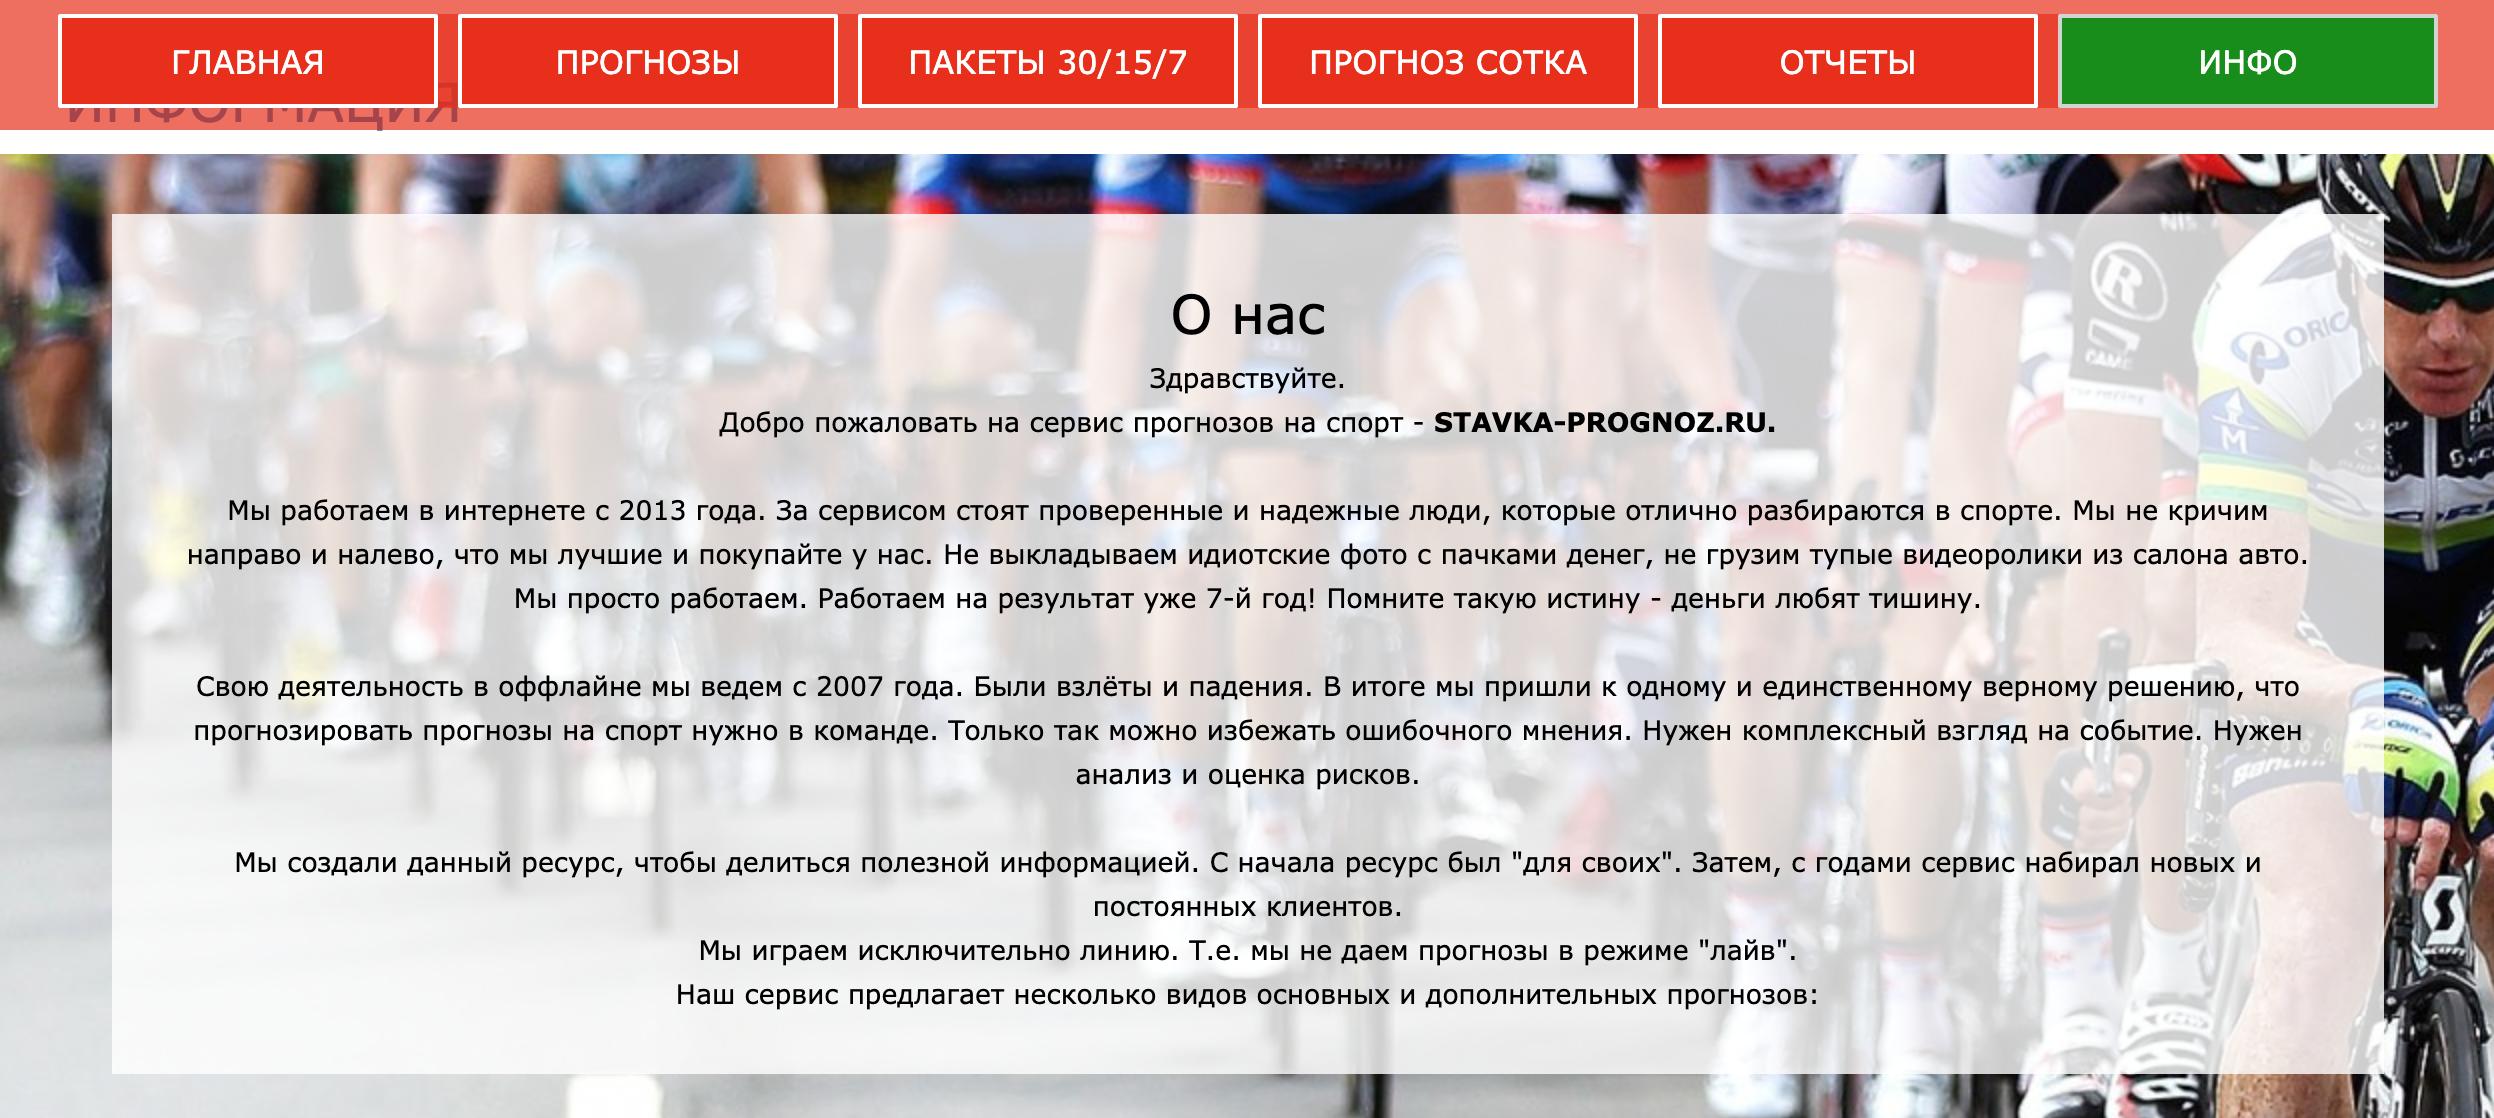 О проекте stavka-prognoz.ru